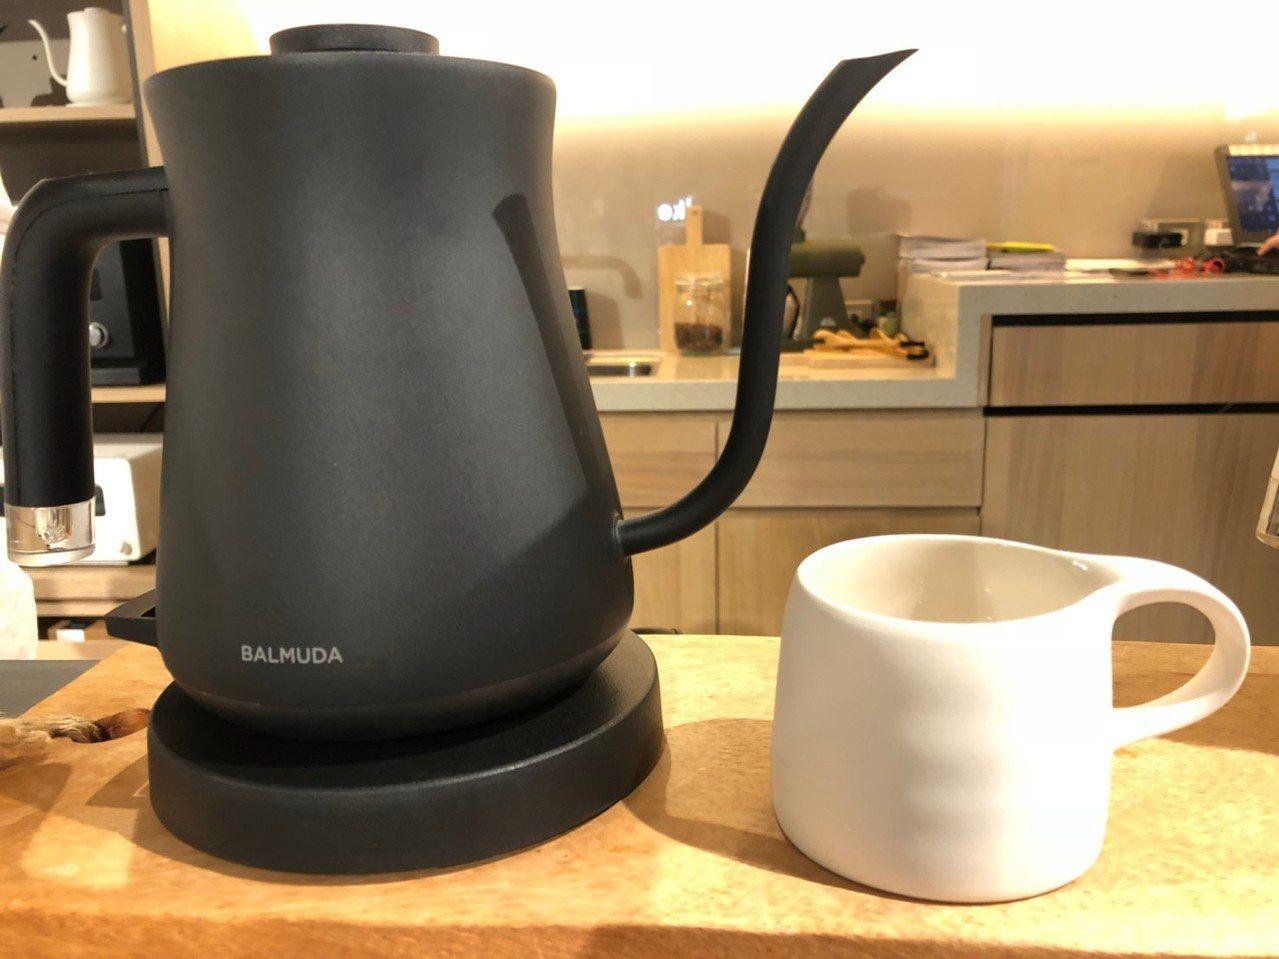 買BALMUDA「The Pot」手沖壺送3CO聯名咖啡杯。圖/誠品提供